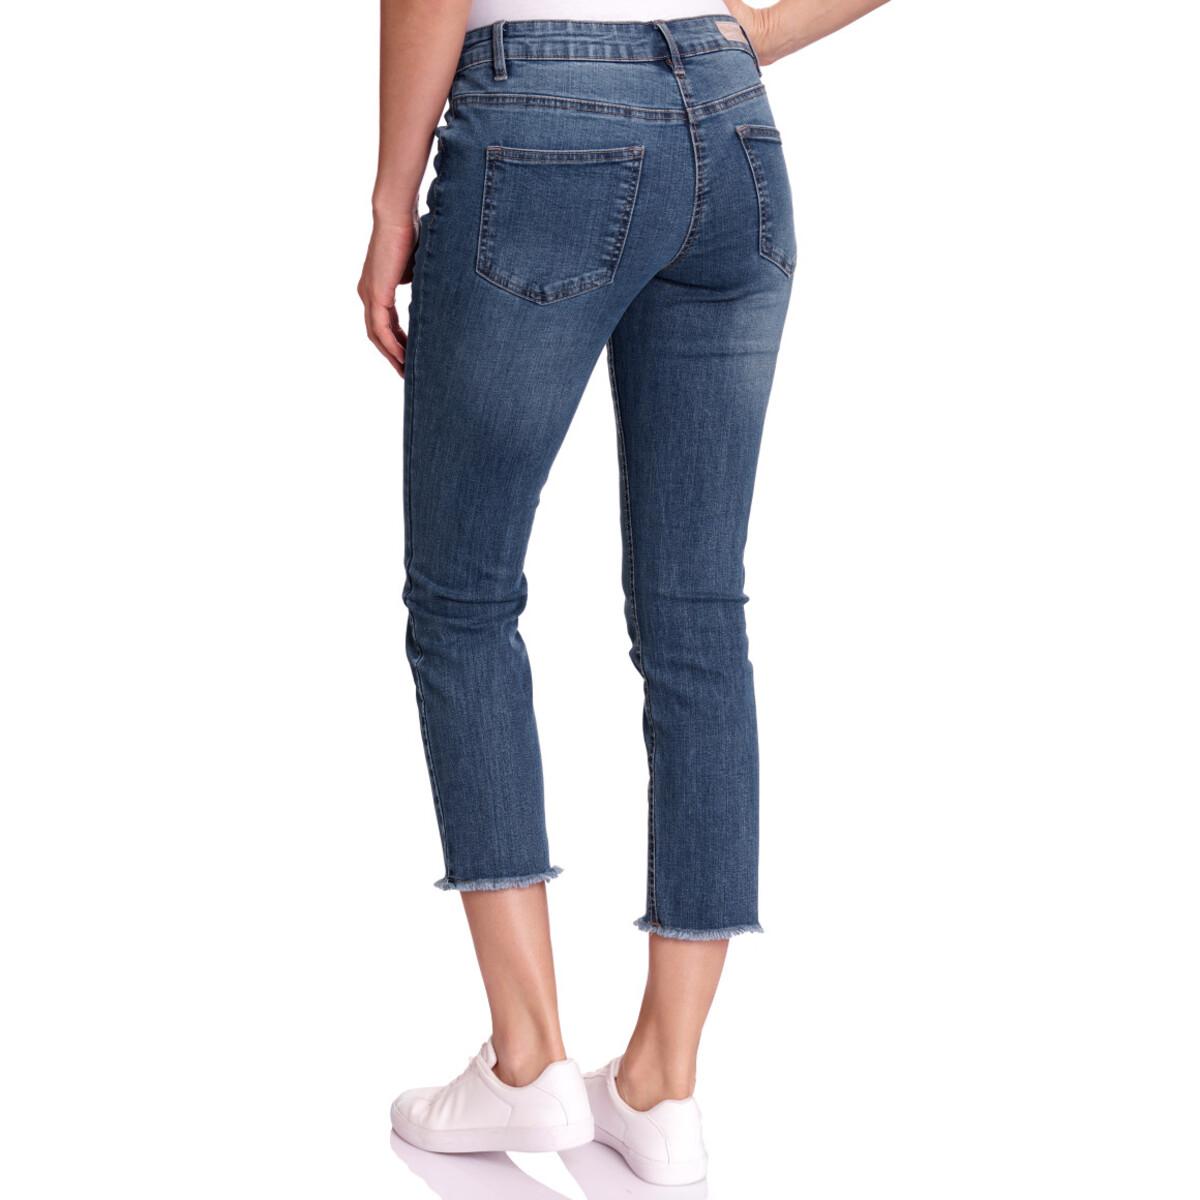 Bild 3 von 7/8 Damen Straight-Jeans mit Fransen